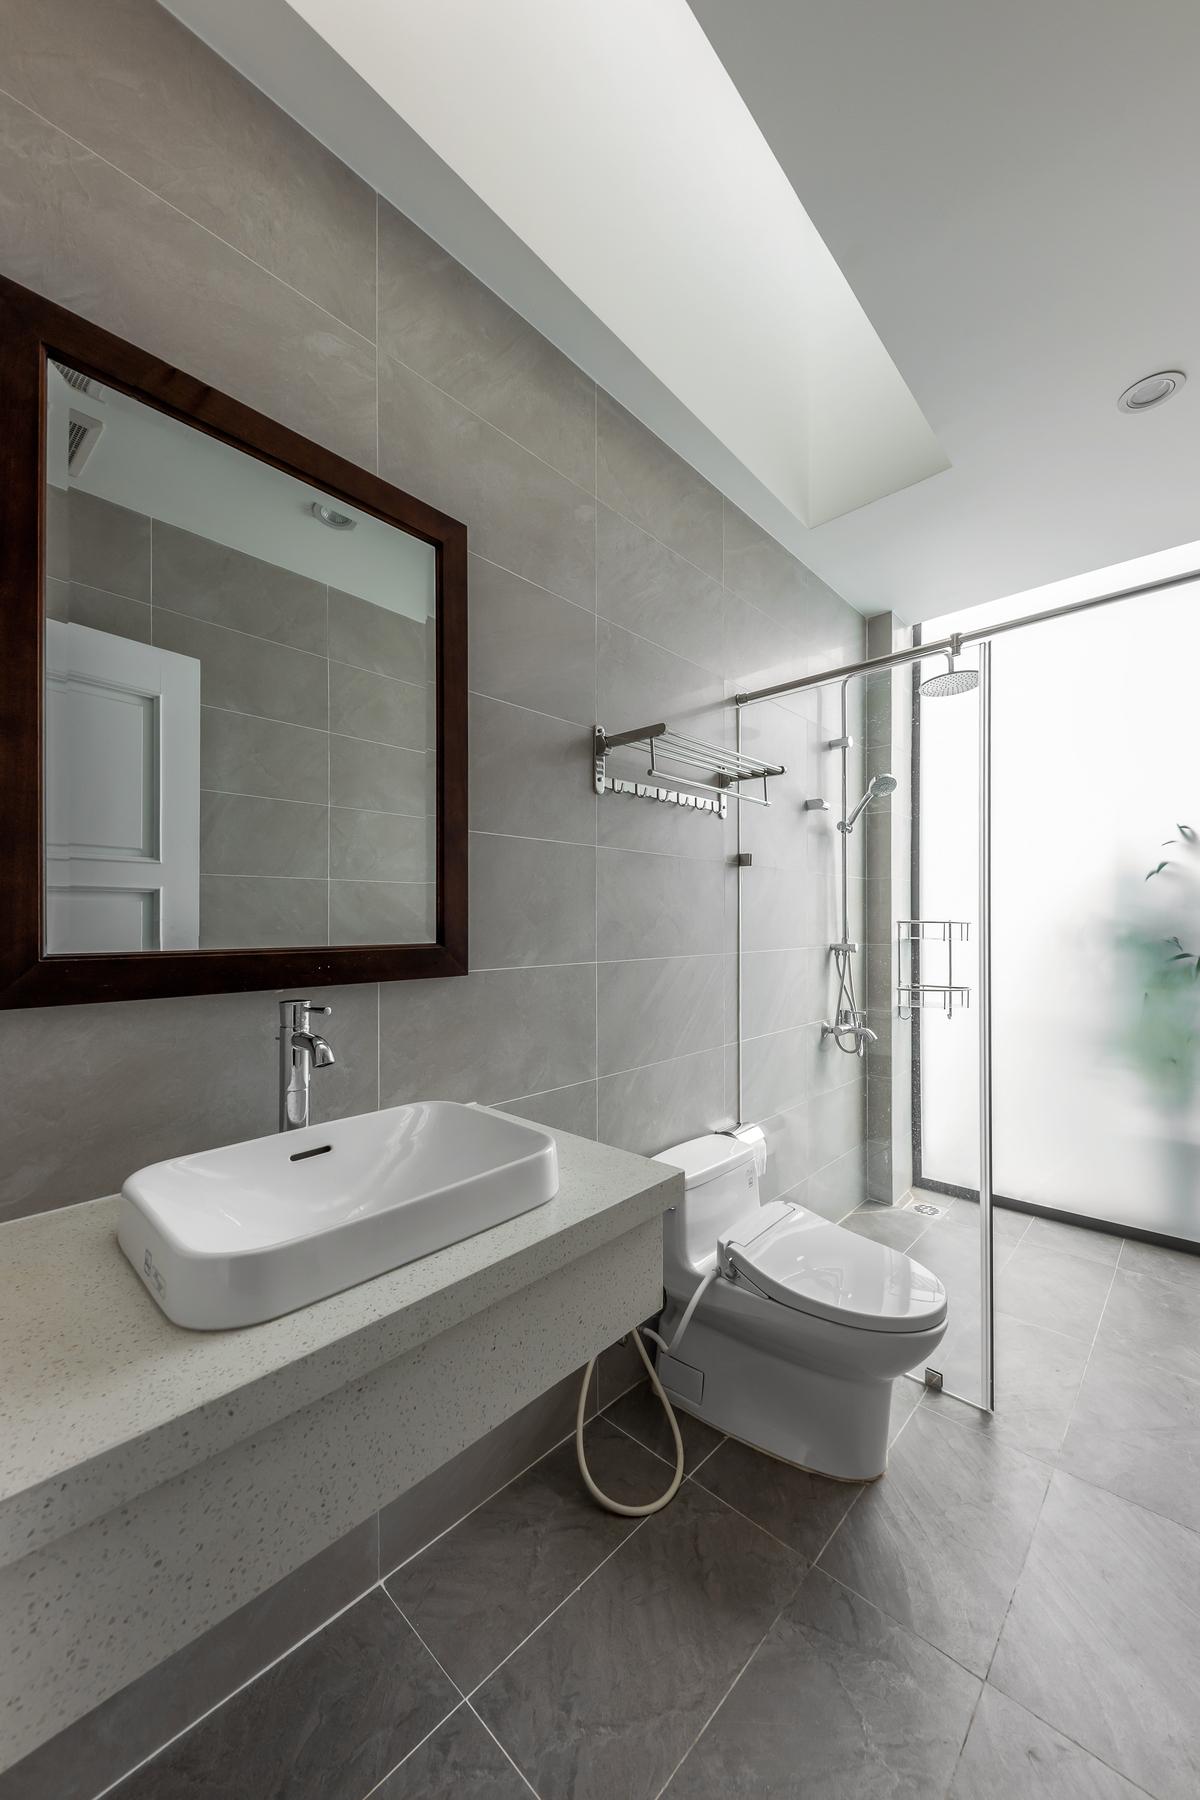 23 2 - Nhà trong thành phố - Giải pháp cho không gian sống với nhiều thành viên | Story Architecture